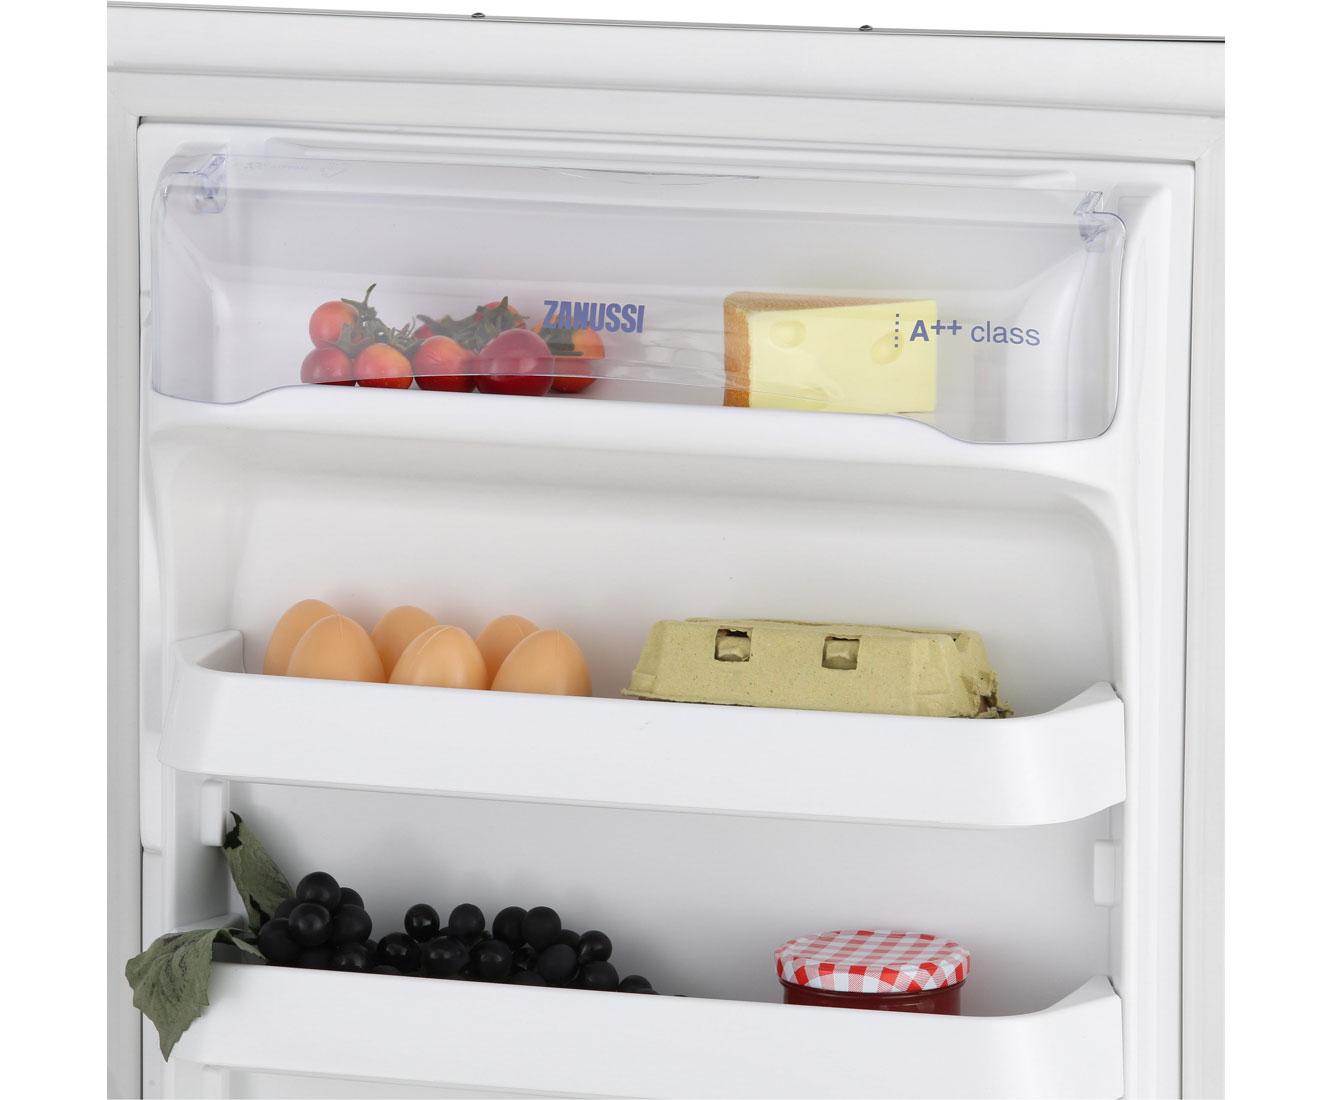 Aufbau Side By Side Kühlschrank : Aufbau kühlschrank mit gefrierfach: kühlschrank db offene küche beko